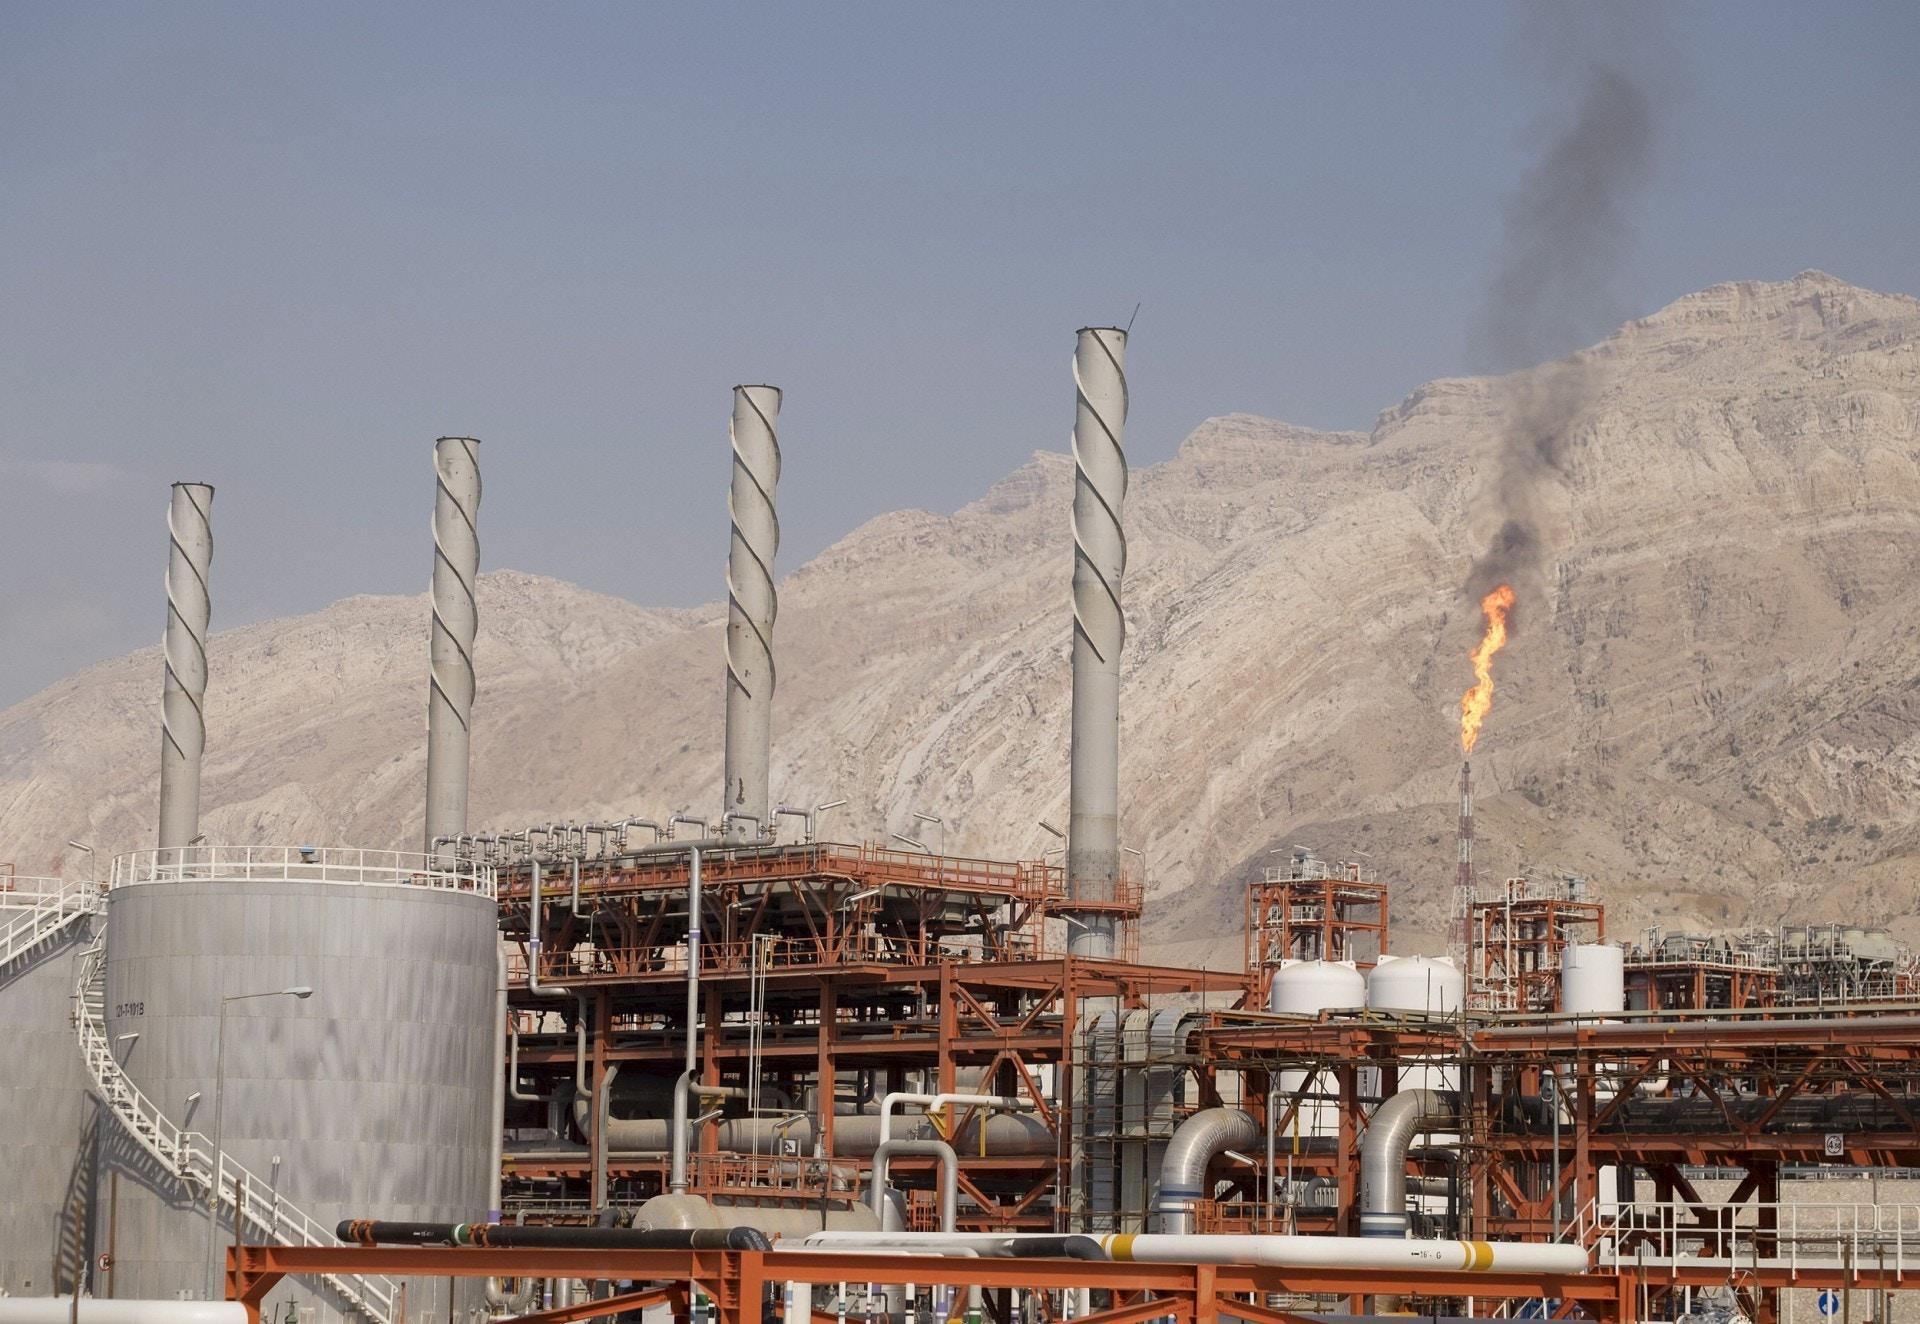 中石油接手伊朗天然氣田 不怕美國制裁?|香港01|分析評論